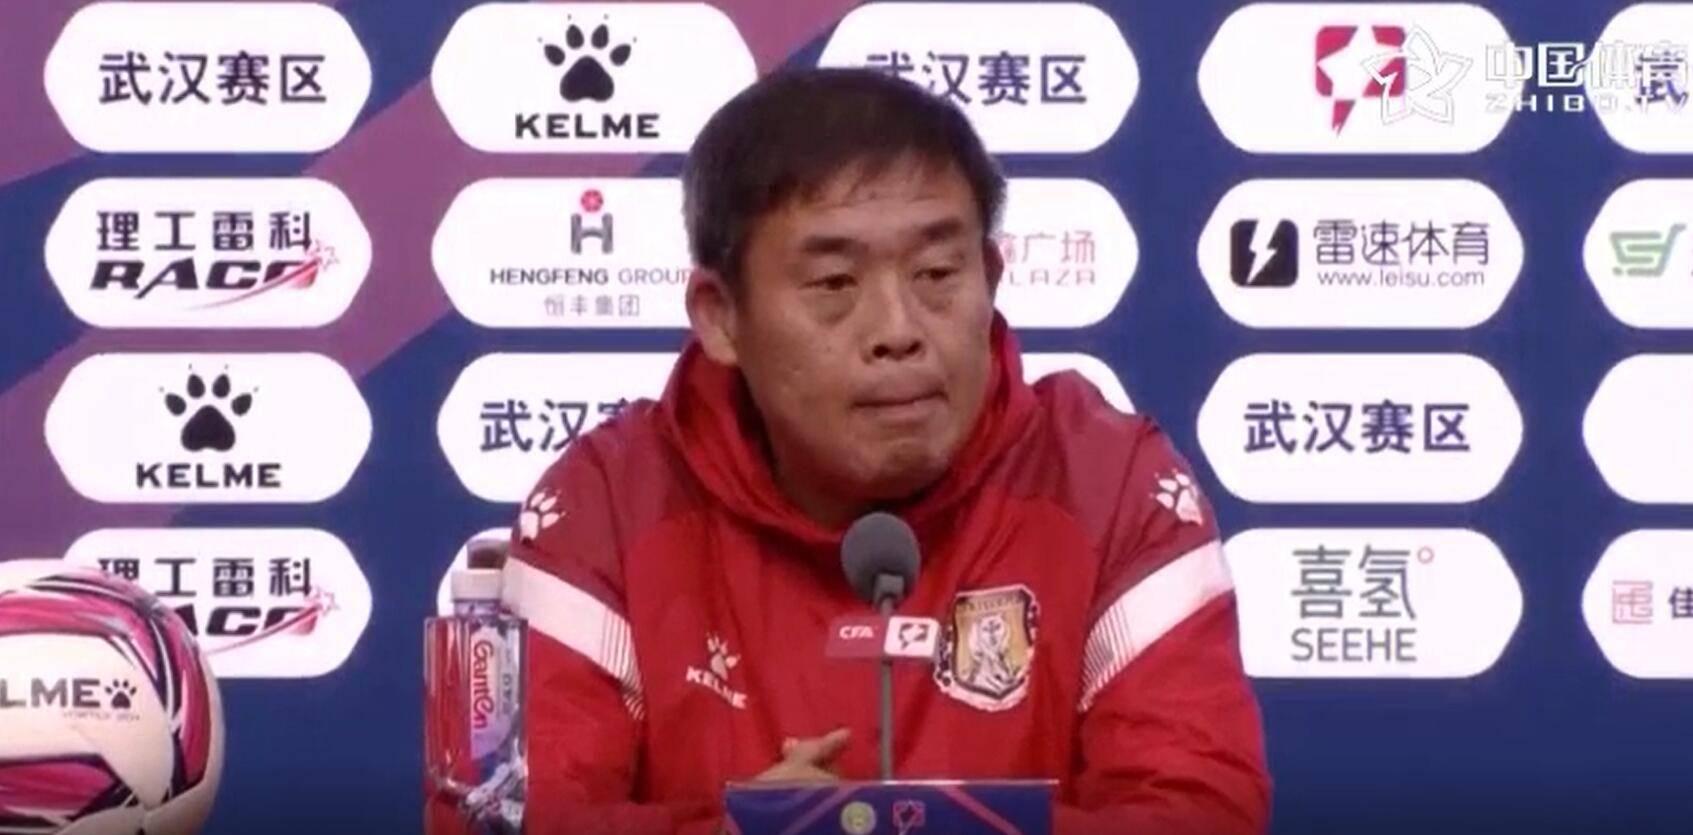 高明琦:武汉三镇进球太早是意料之外,打乱了赛前的布置……